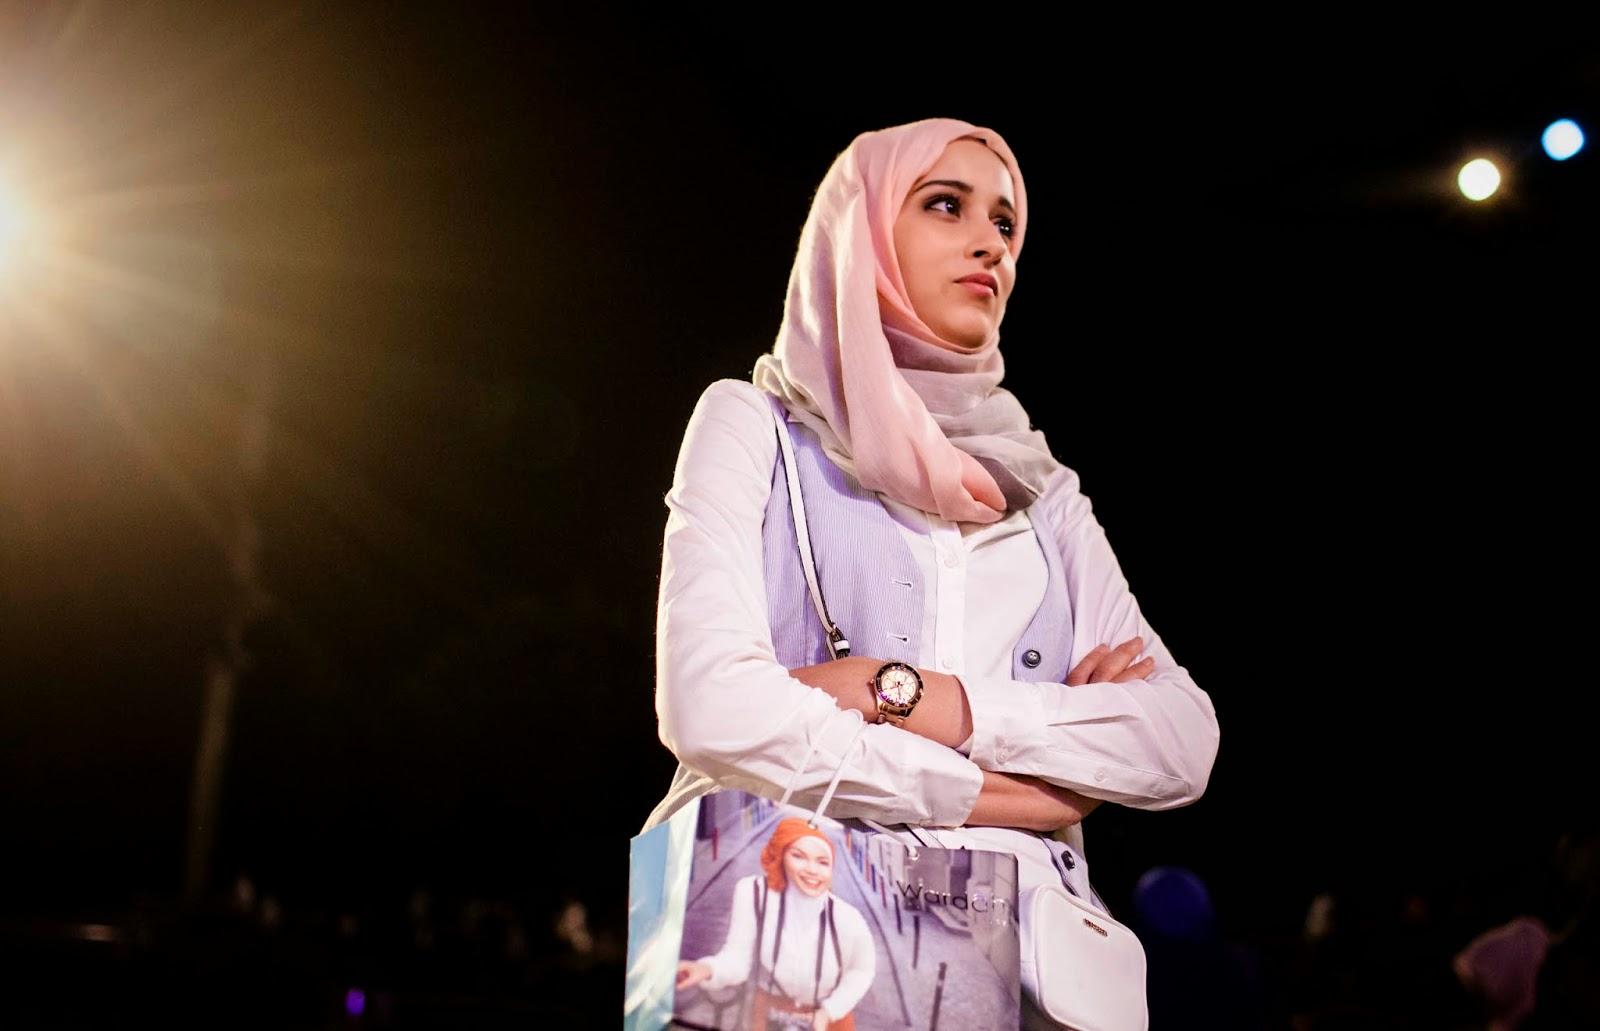 Kumpulan Foto Fatma Ben Guefrache, Pemenang World Muslimah Award (WMA) 2014